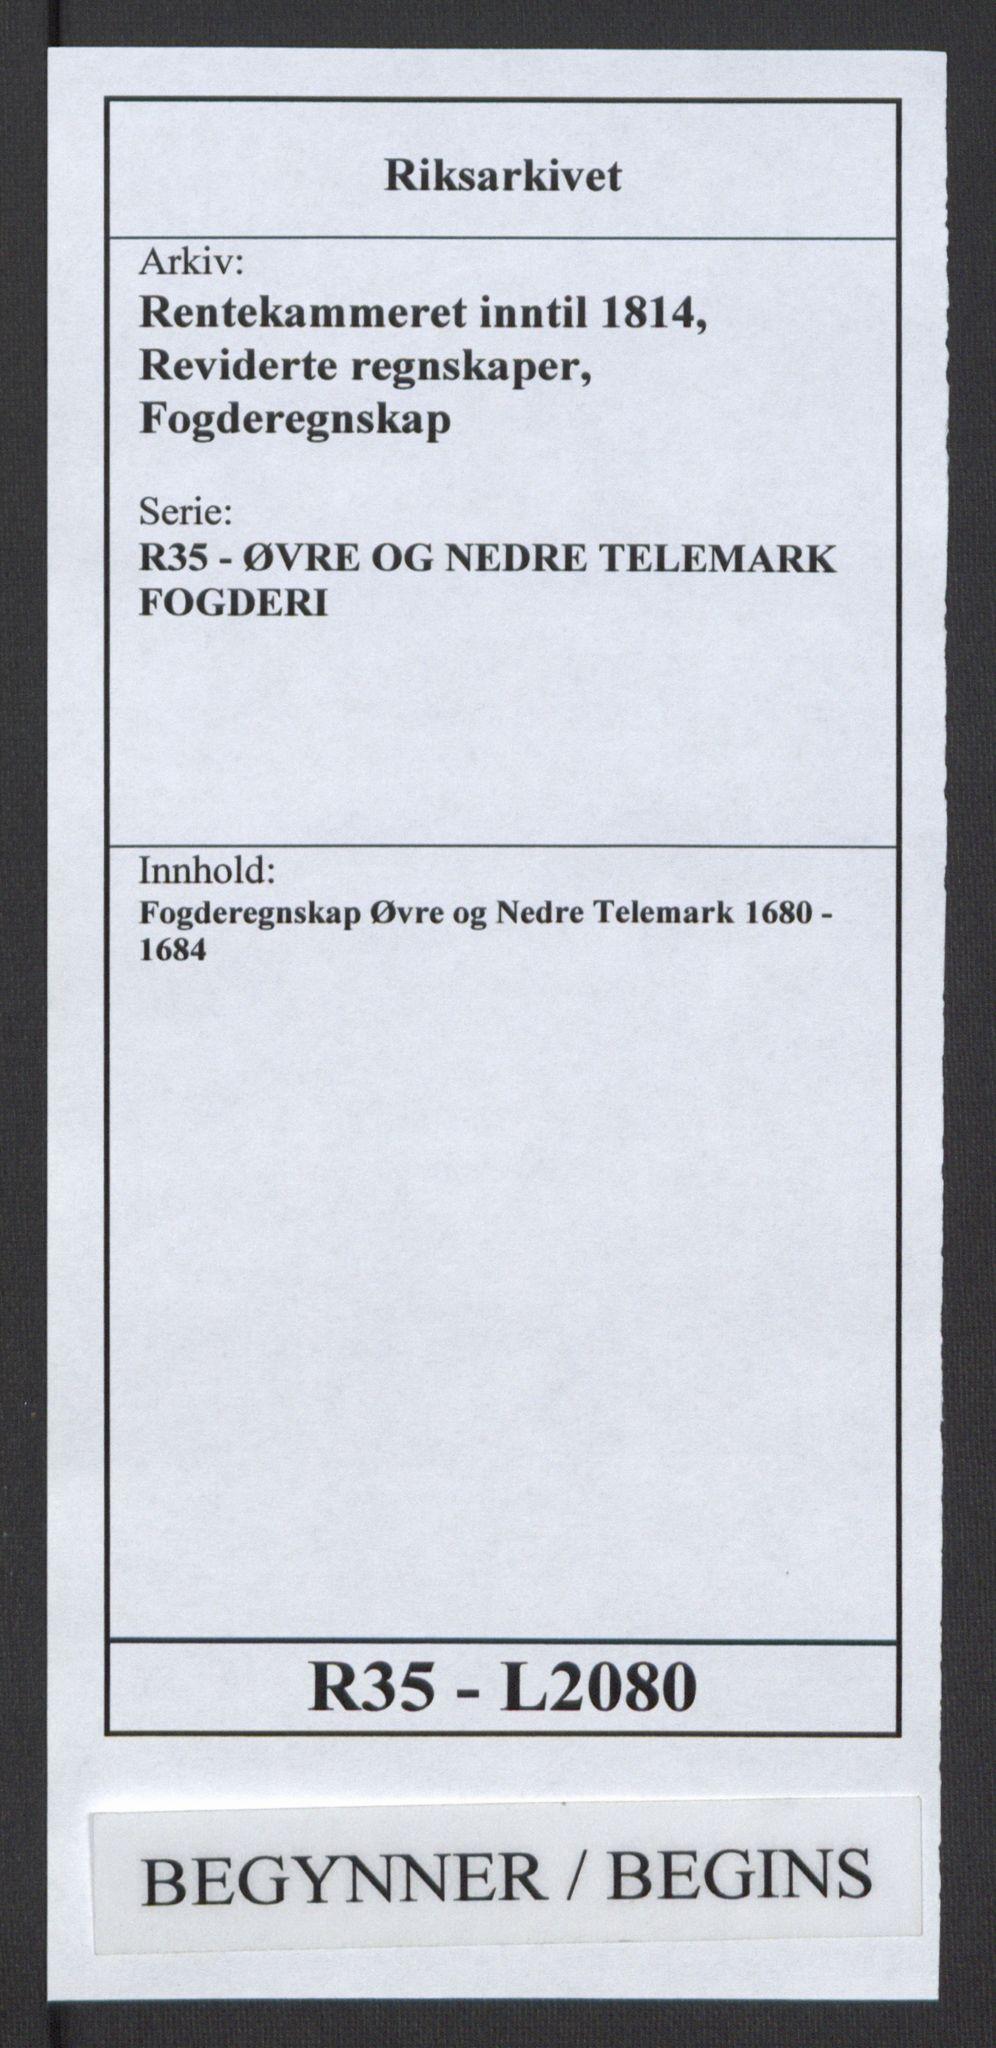 RA, Rentekammeret inntil 1814, Reviderte regnskaper, Fogderegnskap, R35/L2080: Fogderegnskap Øvre og Nedre Telemark, 1680-1684, s. 1